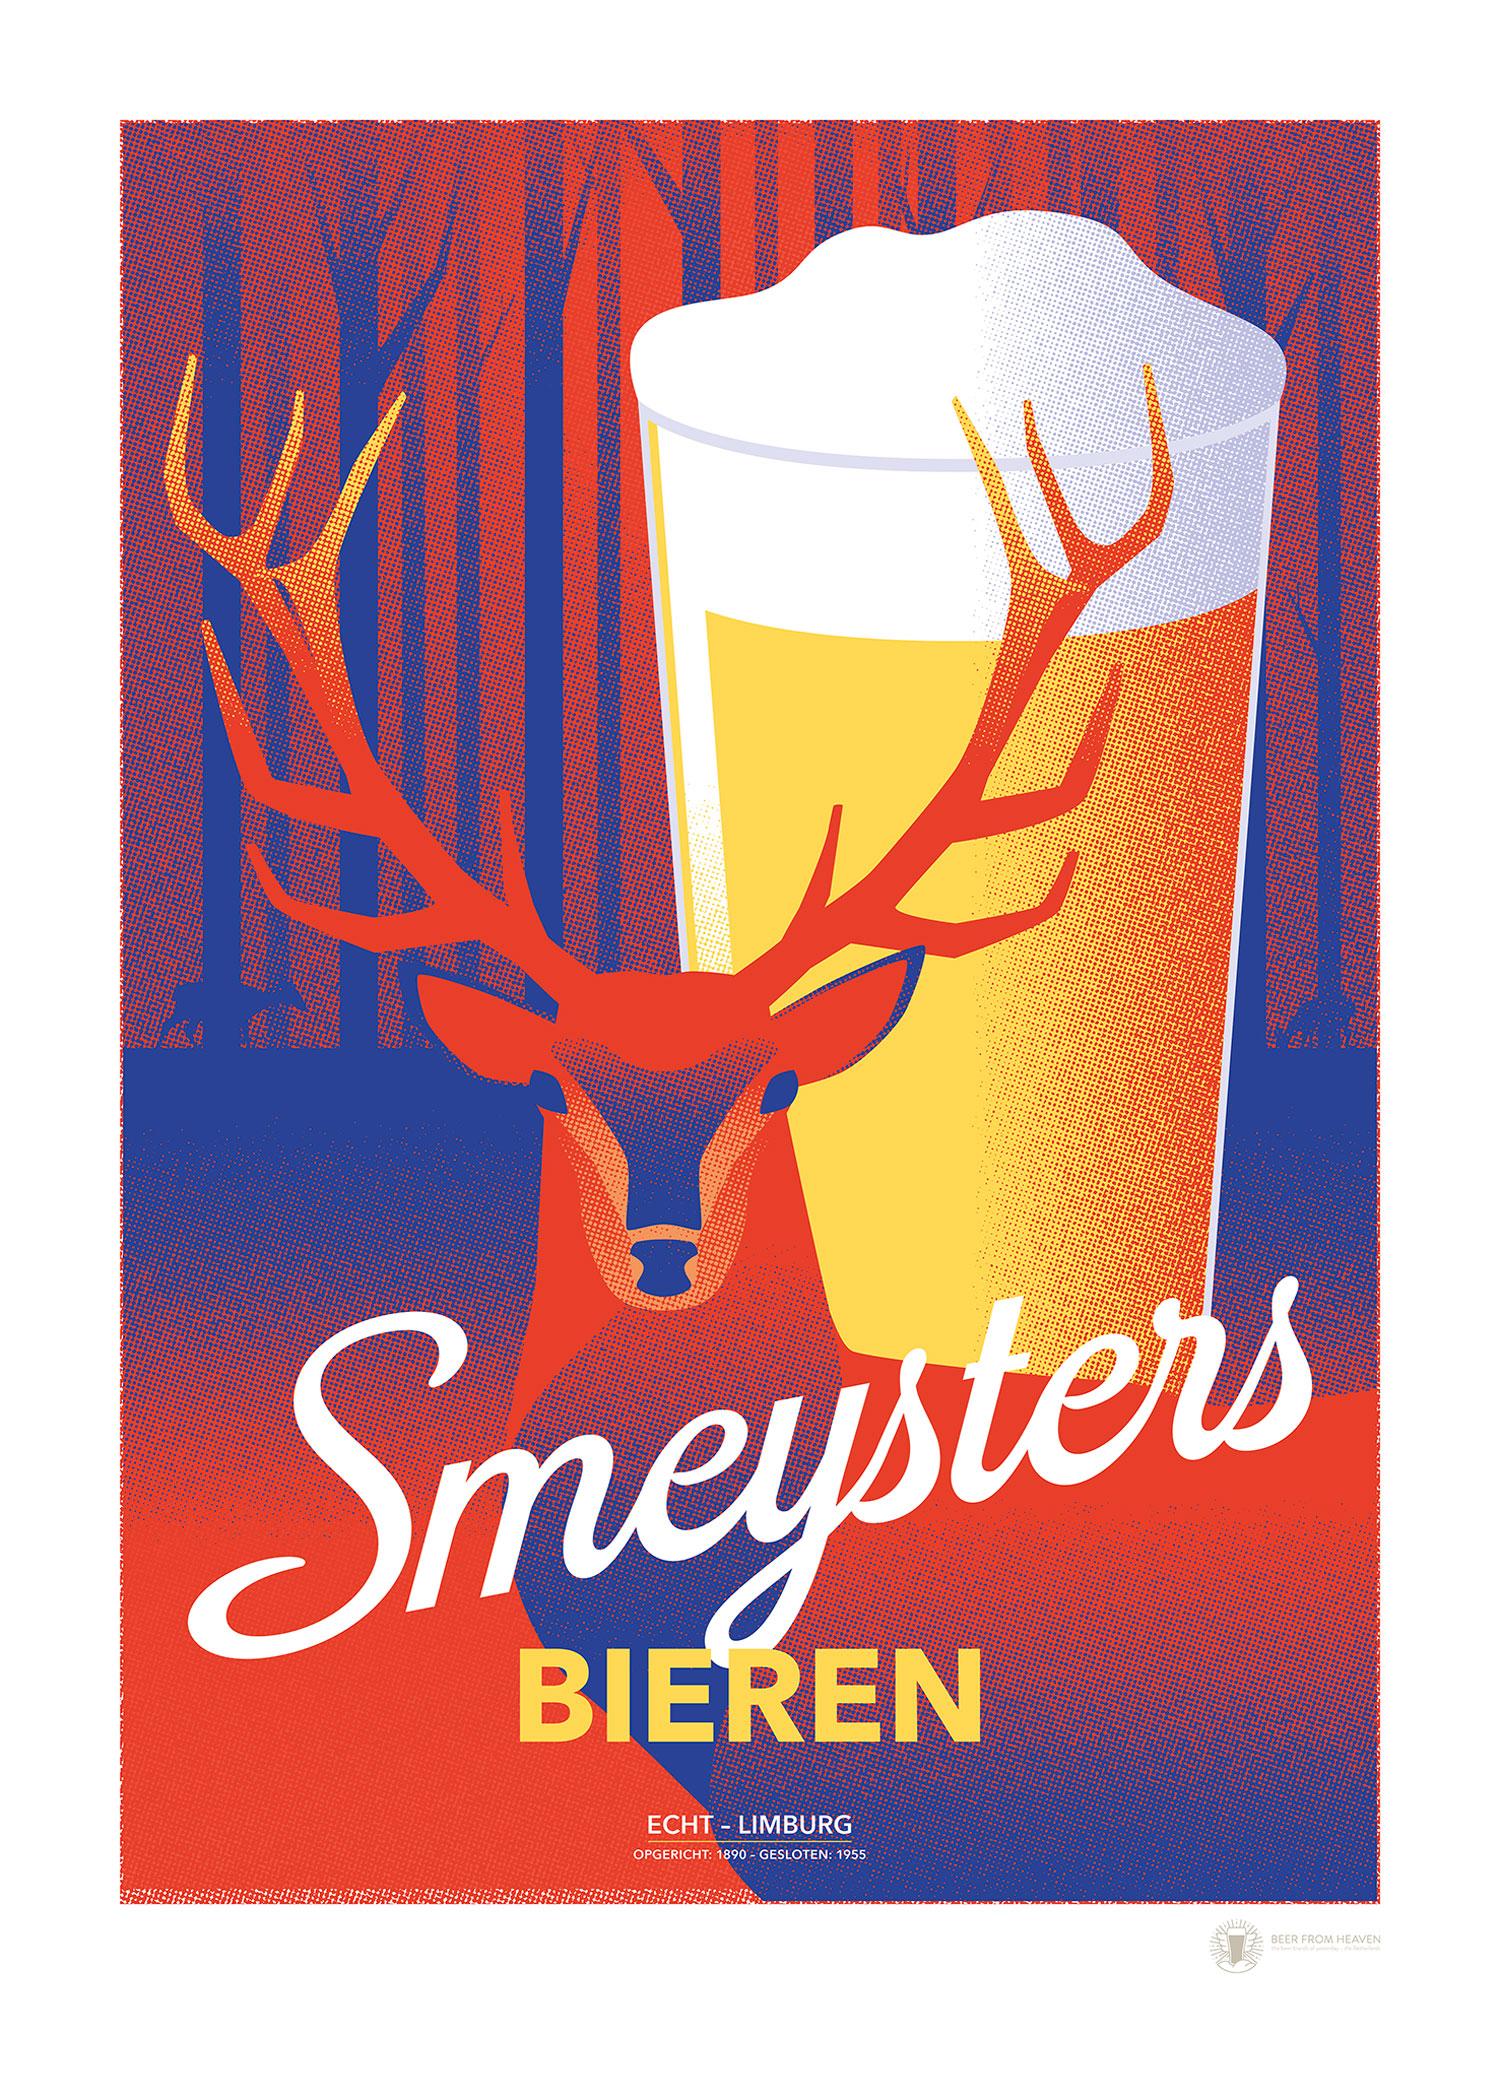 Smeijsters_bieren